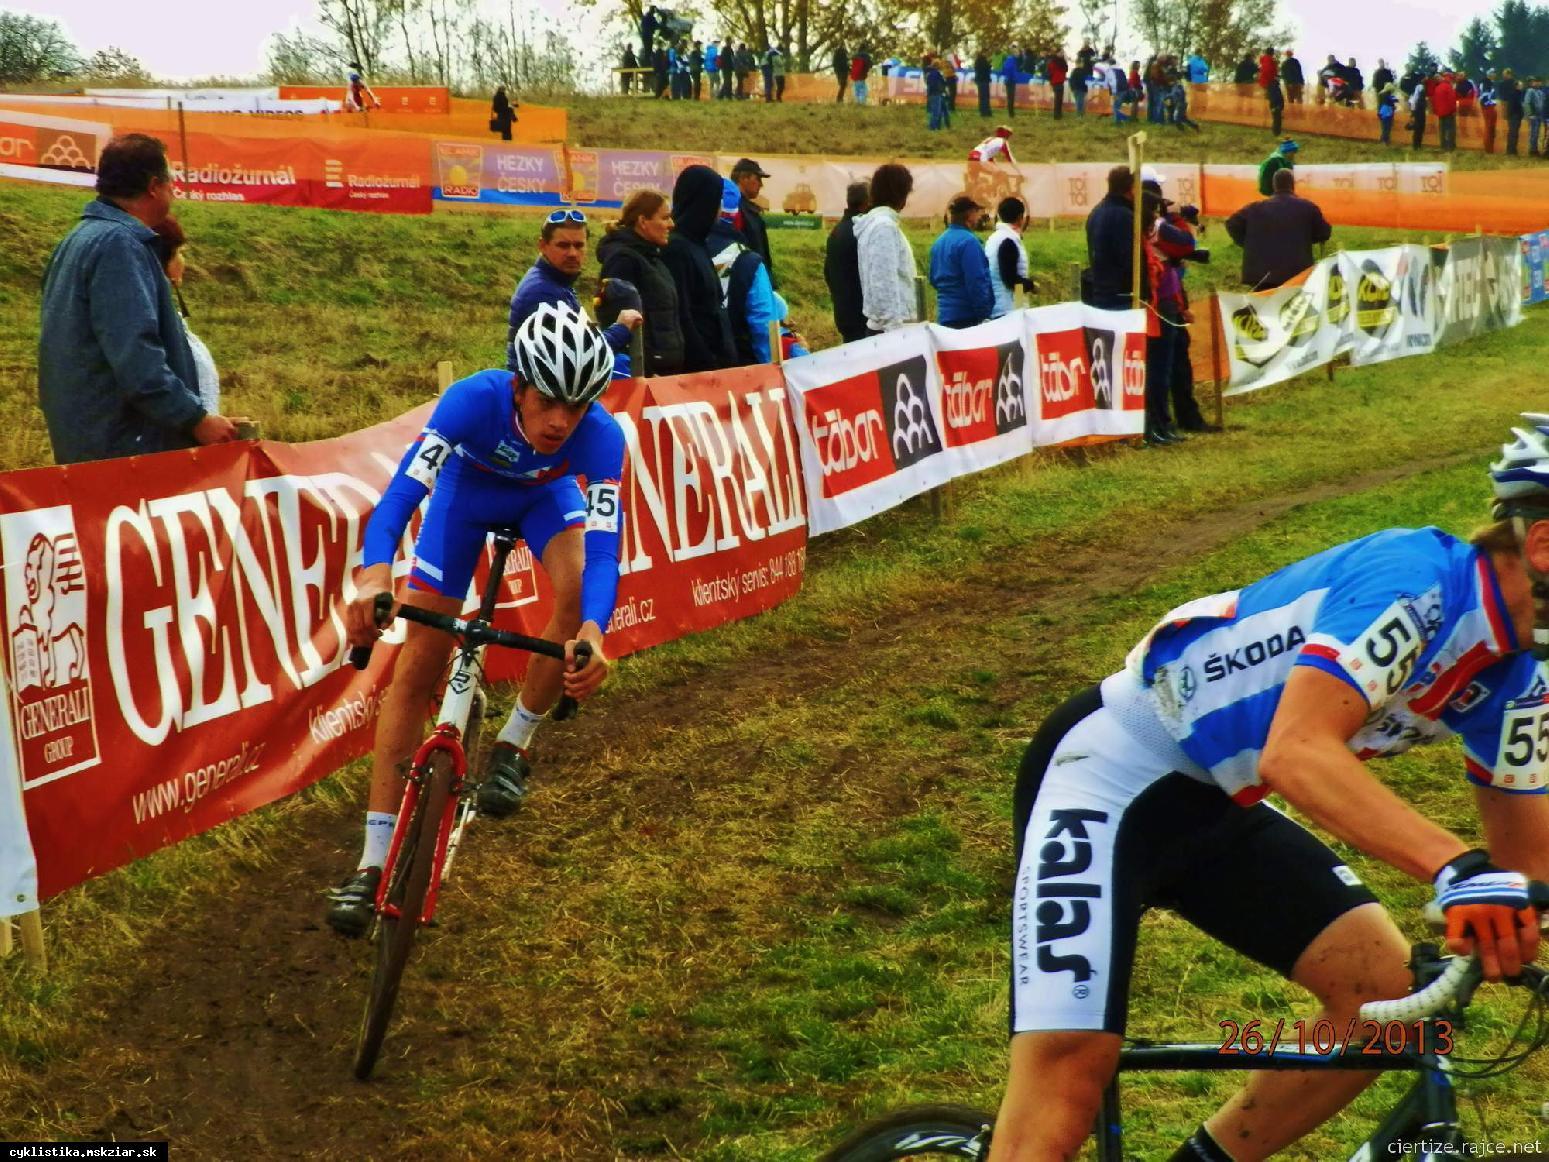 obr: Bellan výborne na Svetovom pohári v cyklokrose.